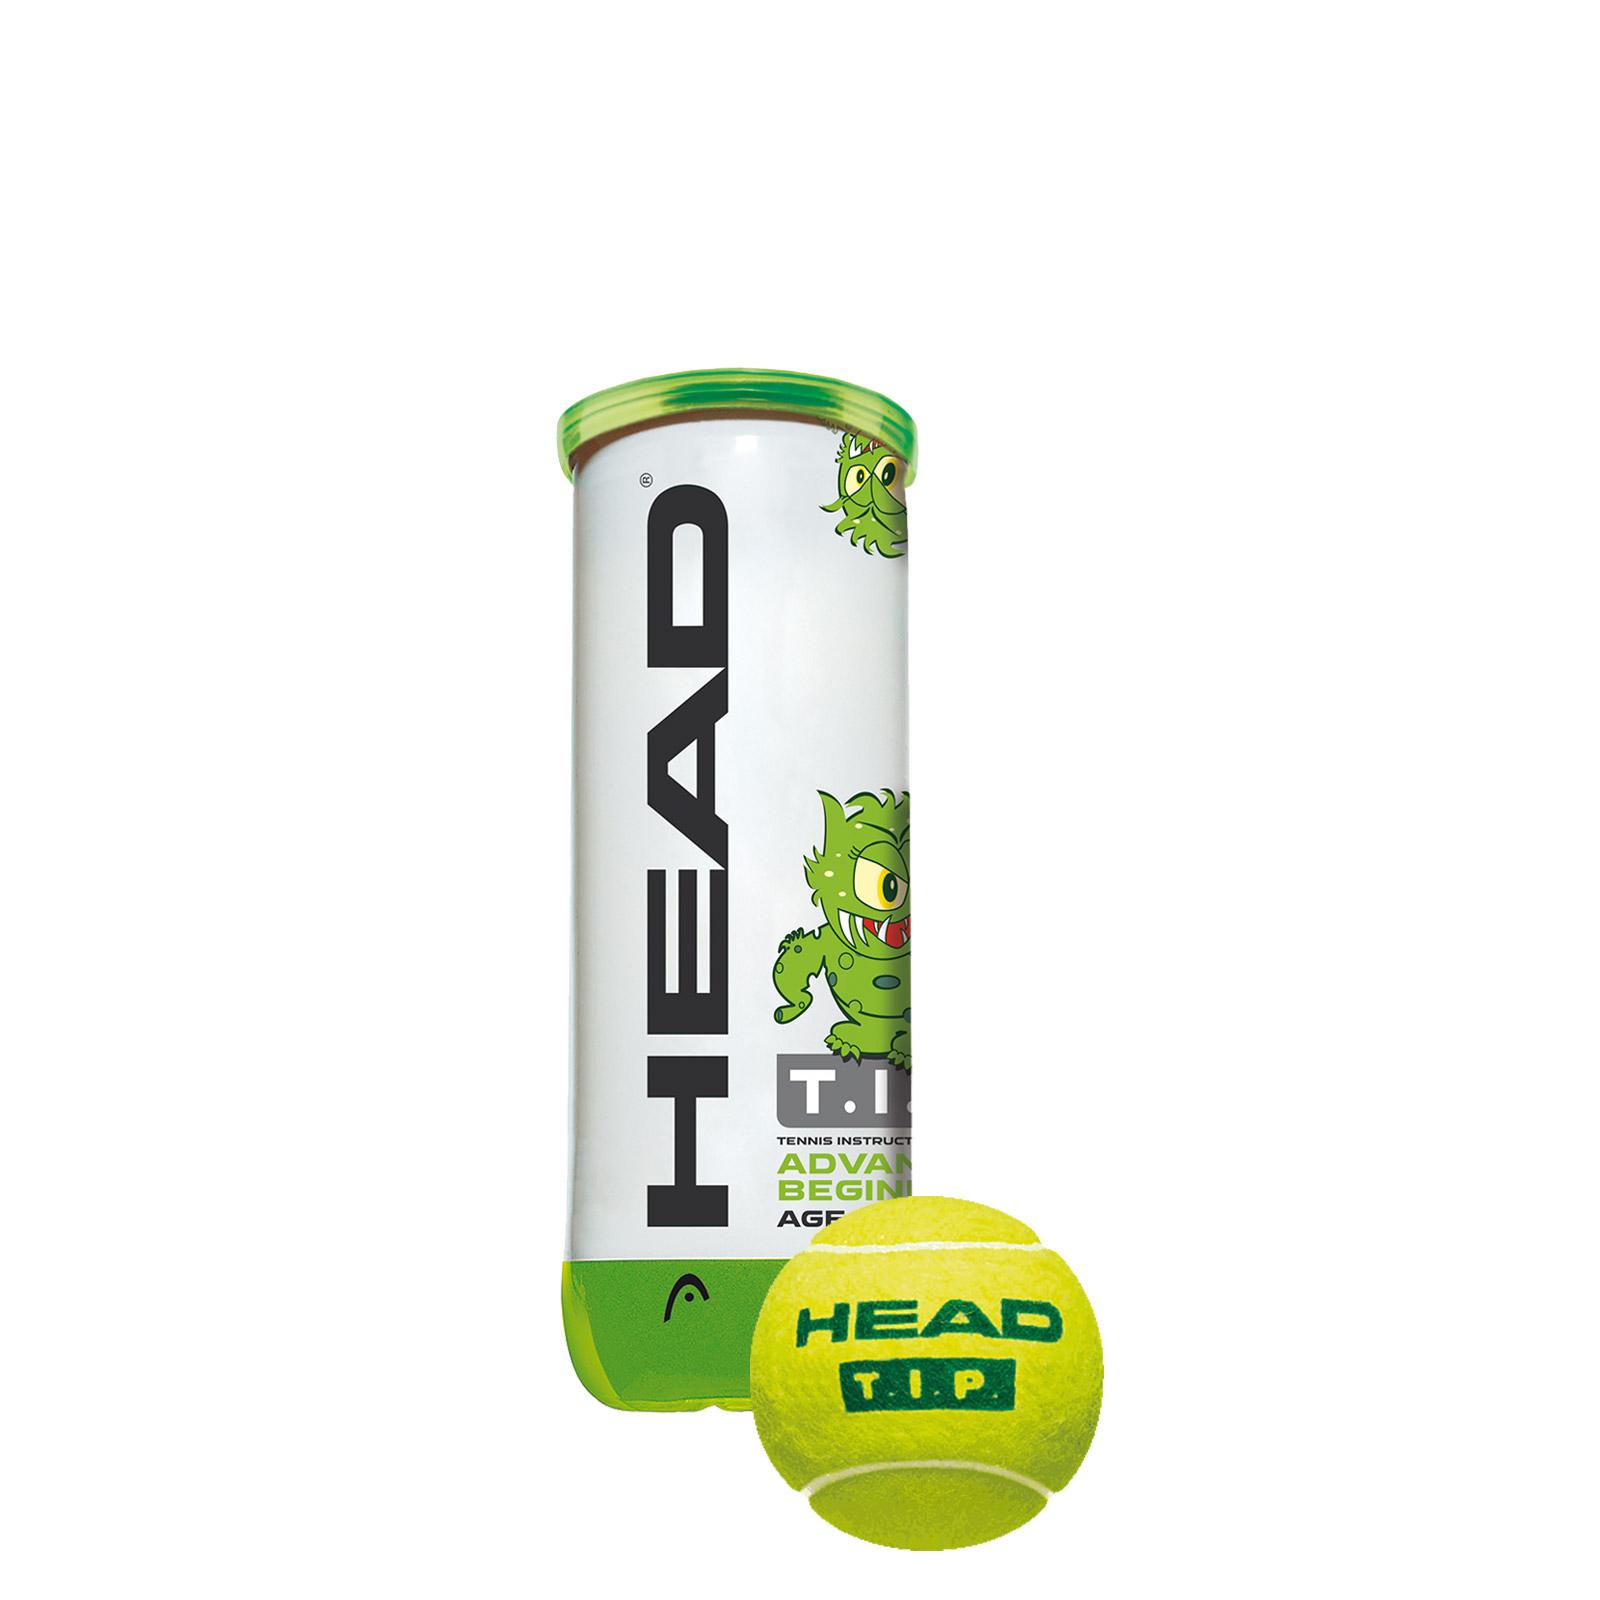 HEAD TIP 3ks, GREEN